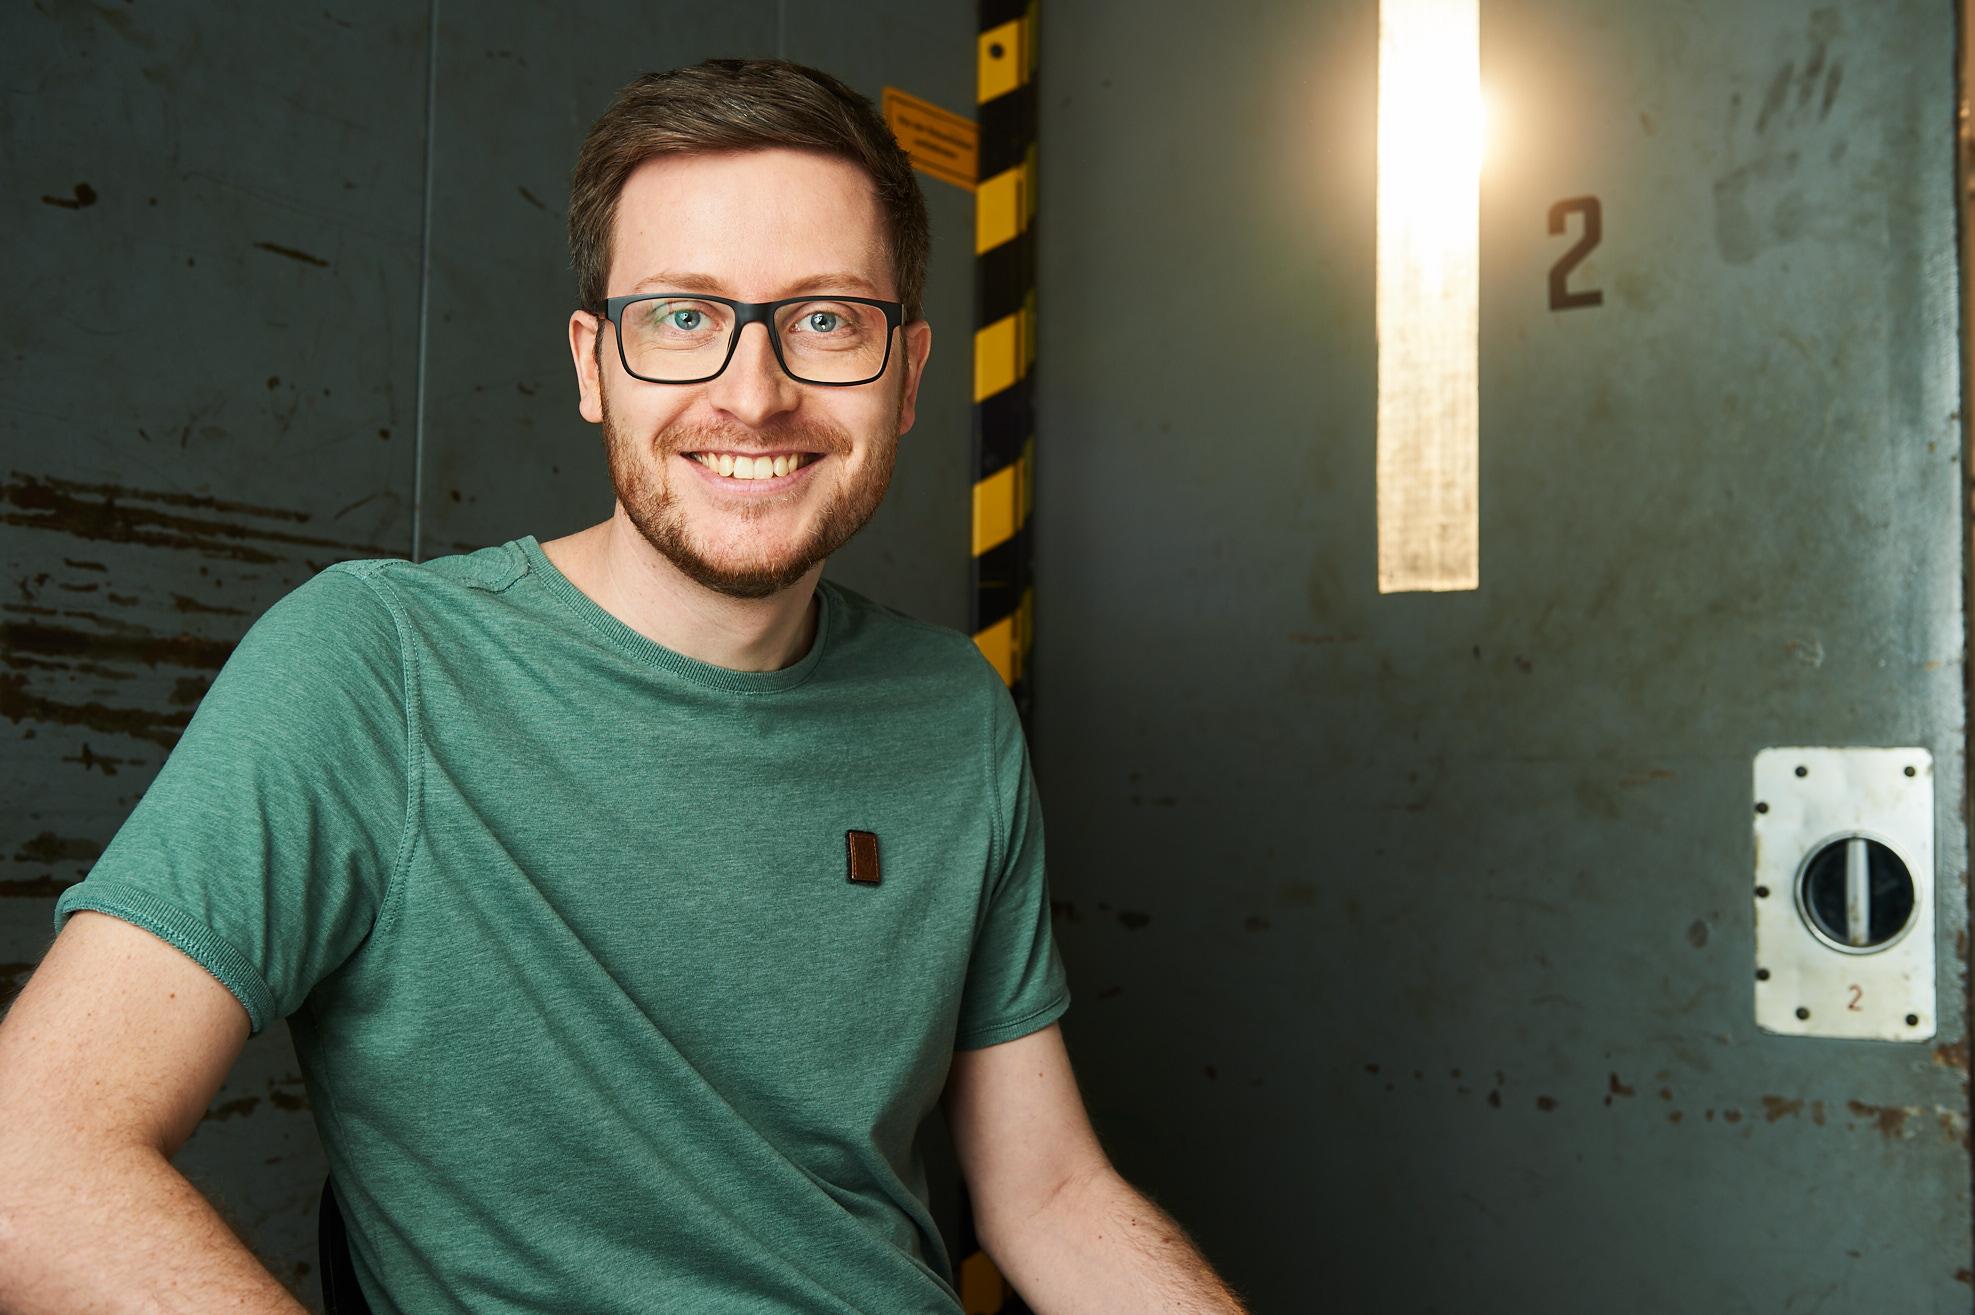 Christian Troitzsch lächelnd sitzend vor einer grünen industriellen Metalltür